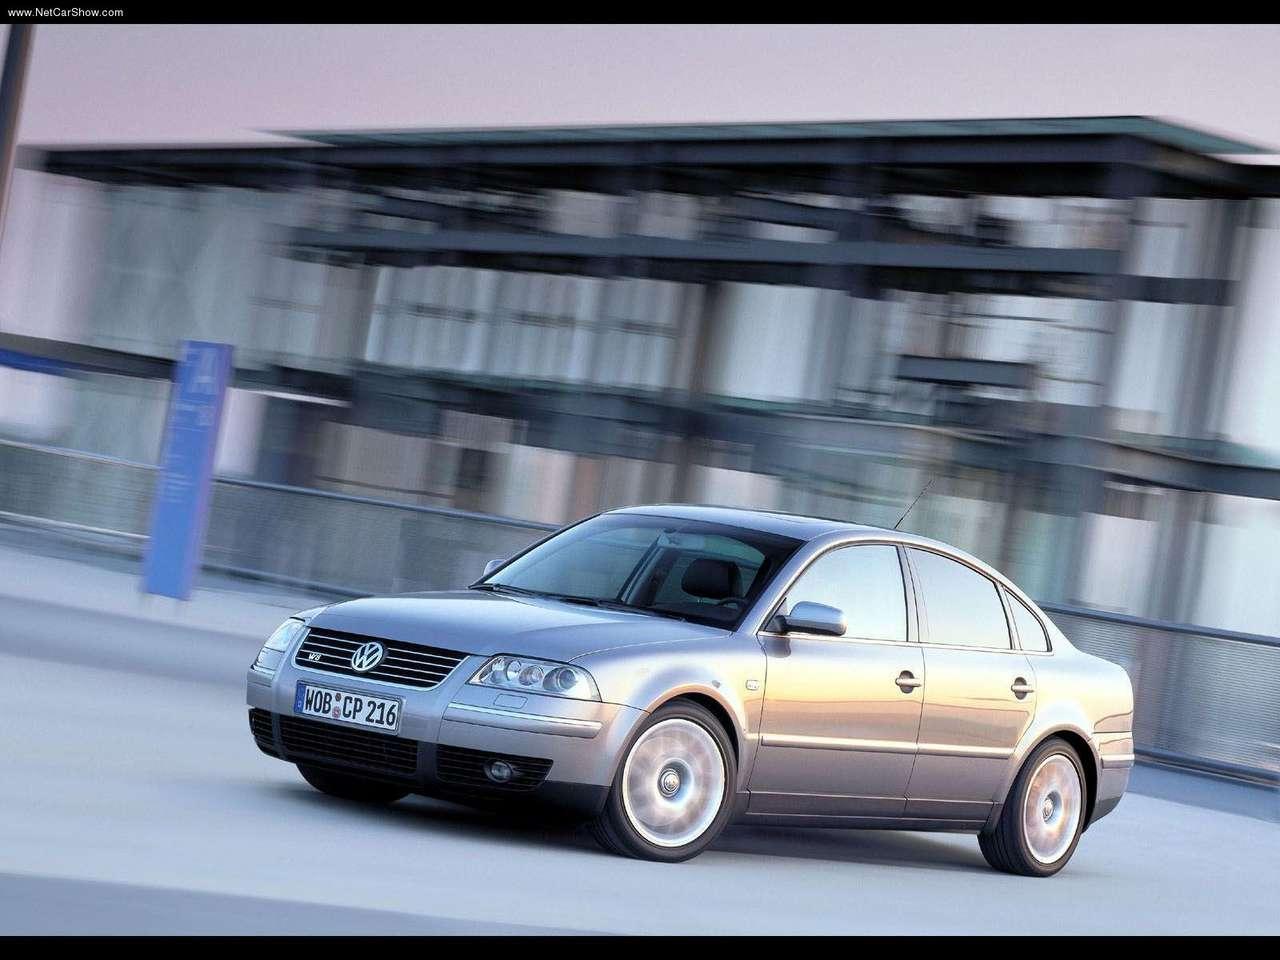 http://4.bp.blogspot.com/-OYPuOL1zmYc/TXs6a6JTPSI/AAAAAAAANNw/Z5SBIKOQ5EY/s1600/Volkswagen-Passat_W8_2001_1280x960_wallpaper_03.jpg